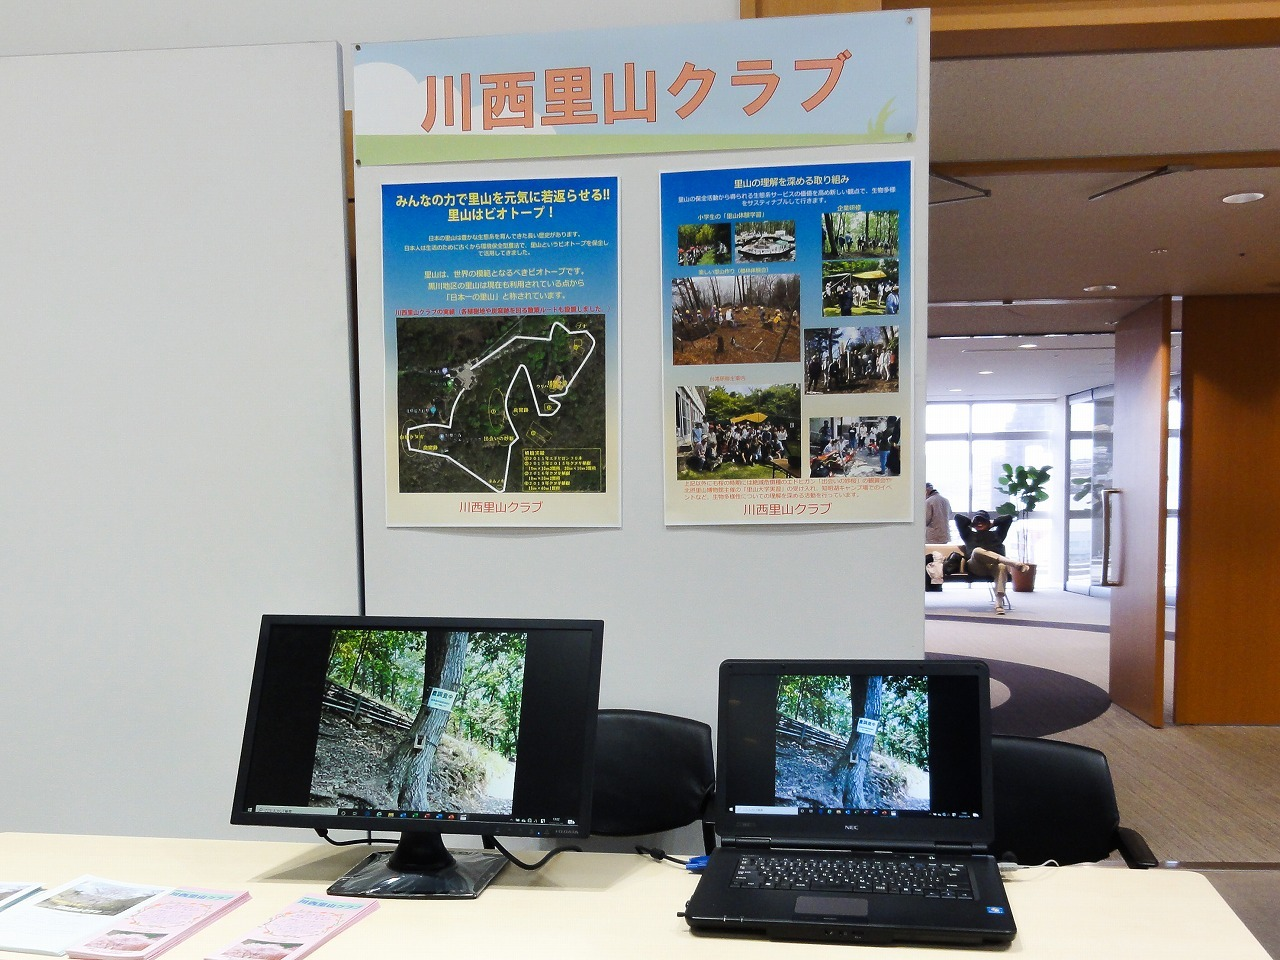 2020年2月9日 臨時(川西市主催「生物多様性ふるさと川西戦略シンポジウム」パネル展示に参加_d0024426_17400143.jpg